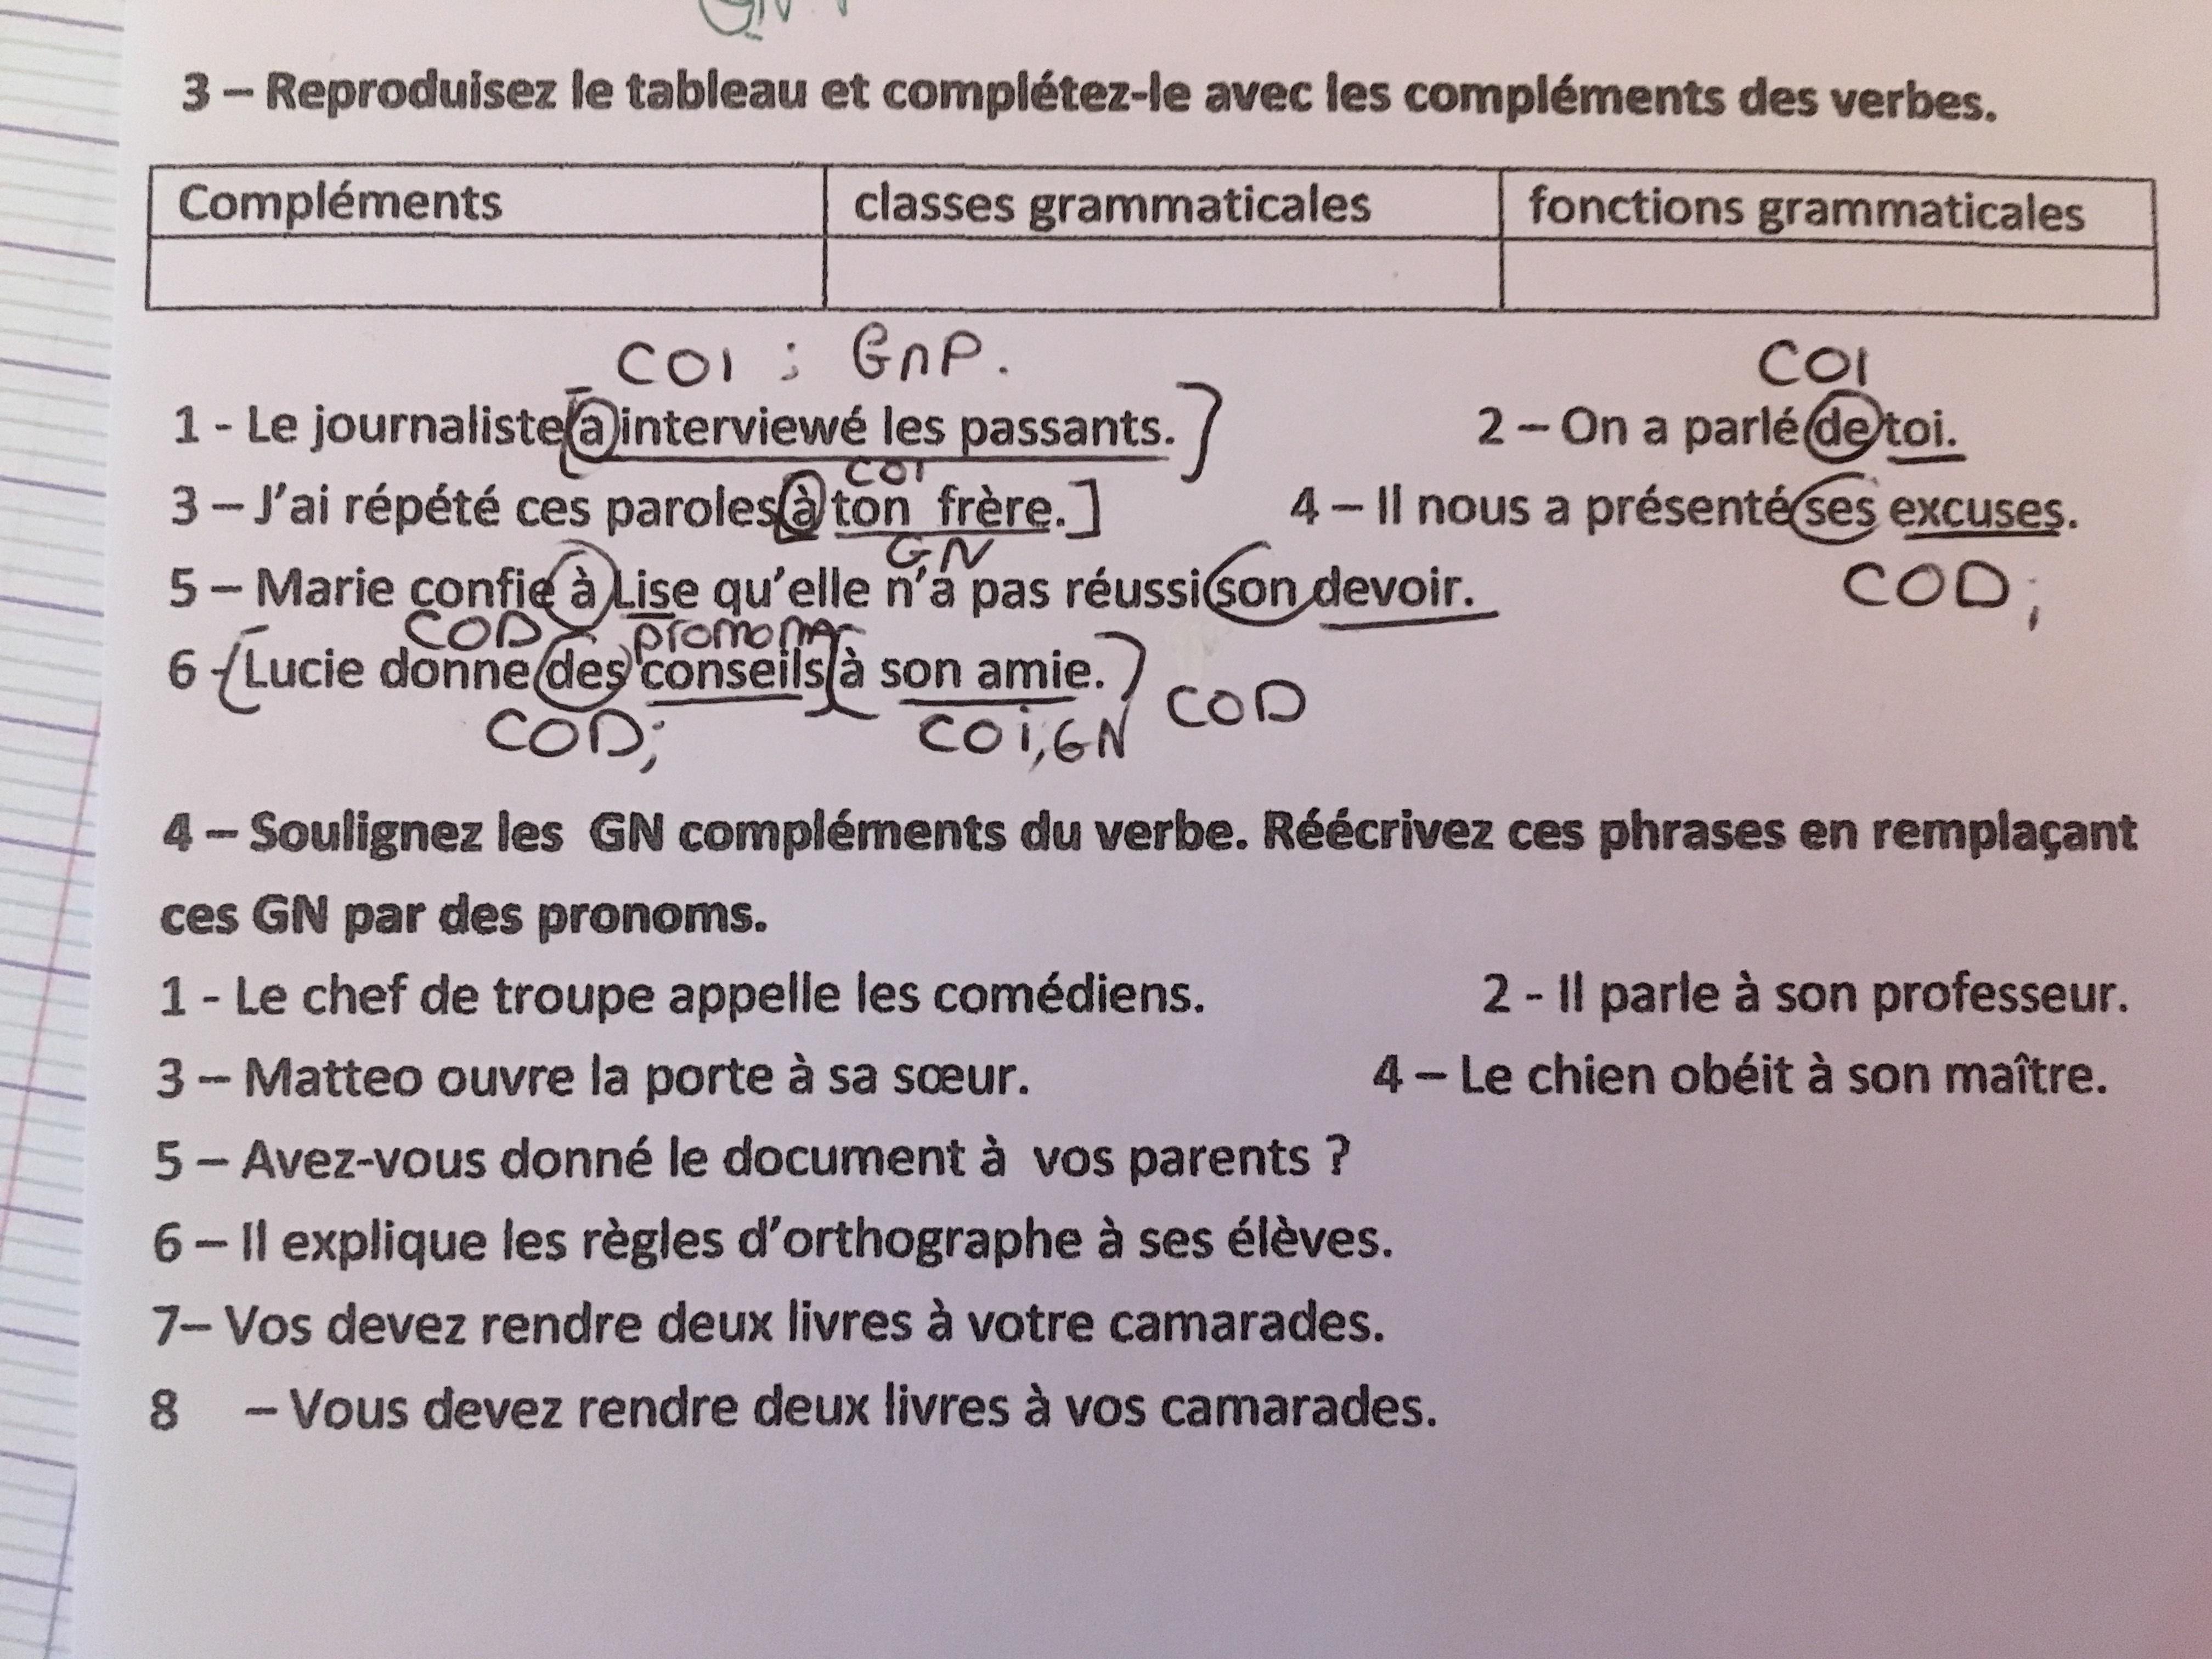 Bonsoir Je Ne Comprends Pas Mes Deux Exercices De Francais Je Suis Nul Pour Analyser Les Phrases Nosdevoirs Fr